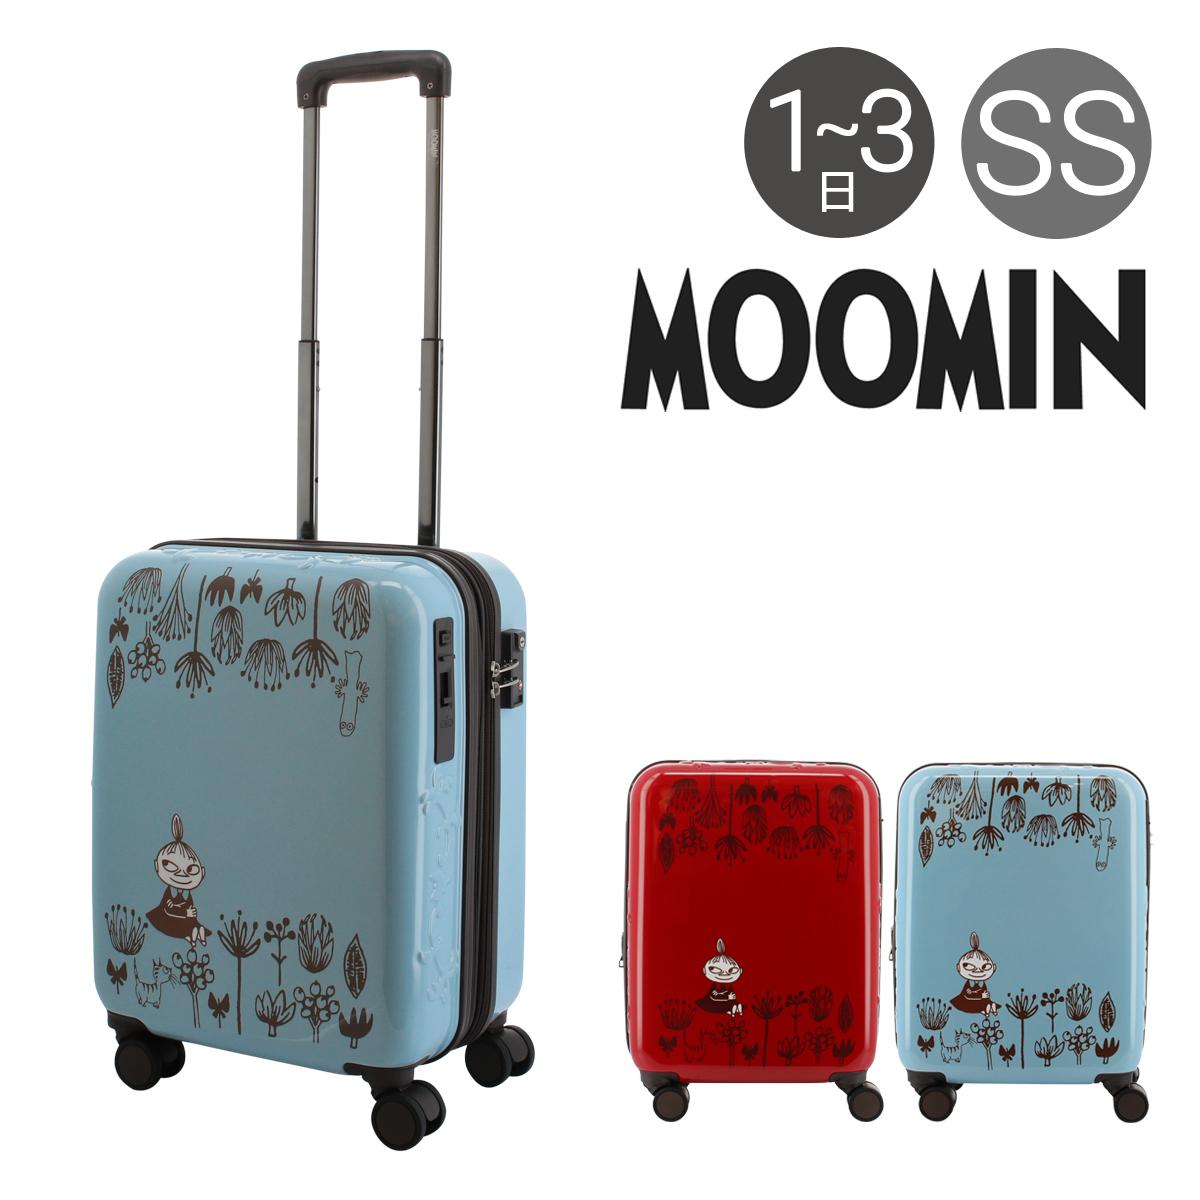 ムーミン スーツケース 36L 51cm 3kg レディース MM2-023 MOOMIN |ハード ファスナー | キャリーケース TSAロック搭載 拡張[PO10][即日発送]